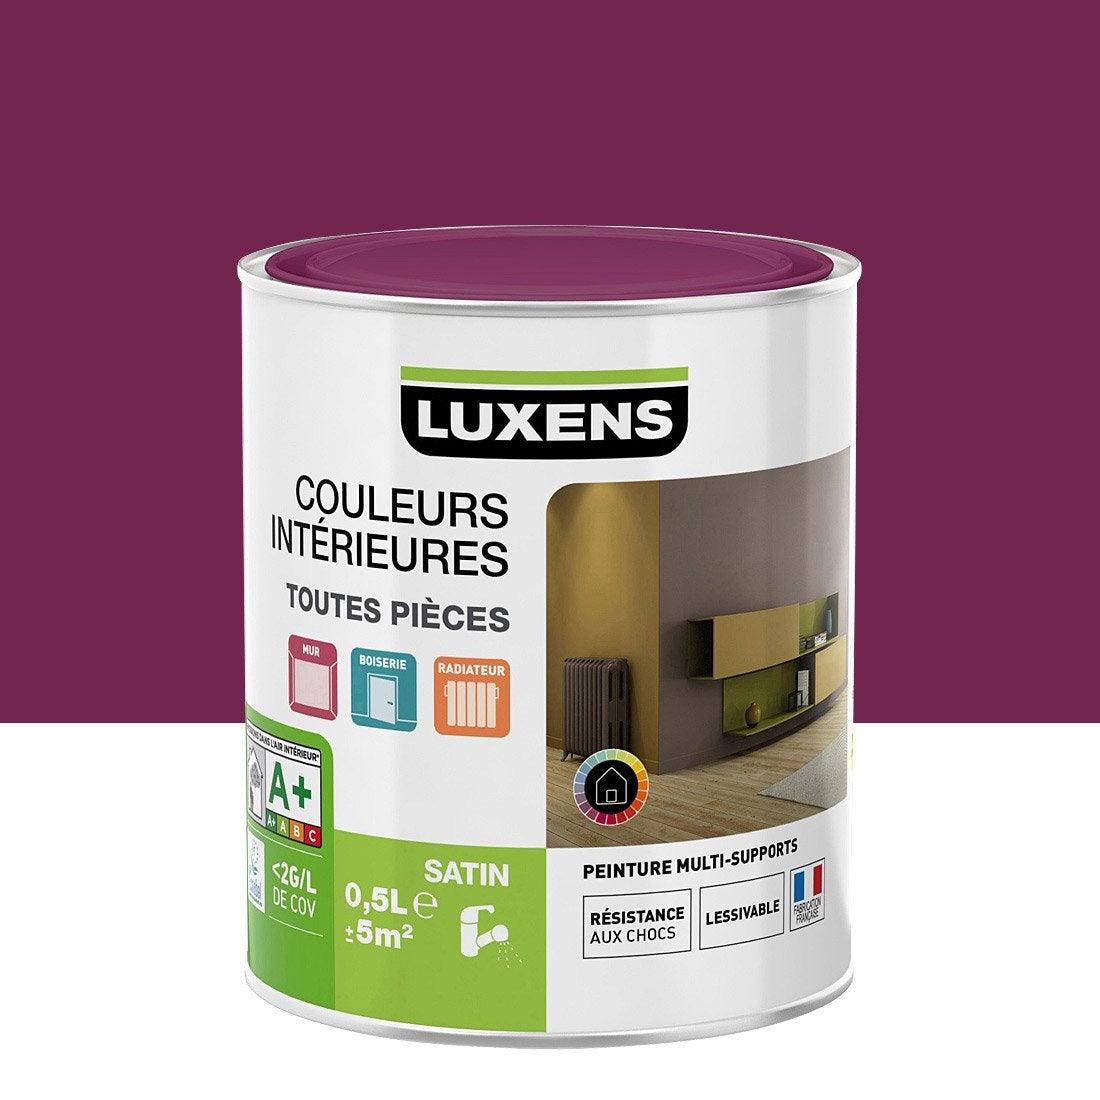 Peinture violet figue 3 luxens couleurs int rieures satin 0 5 l leroy merlin for Peinture couleur figue